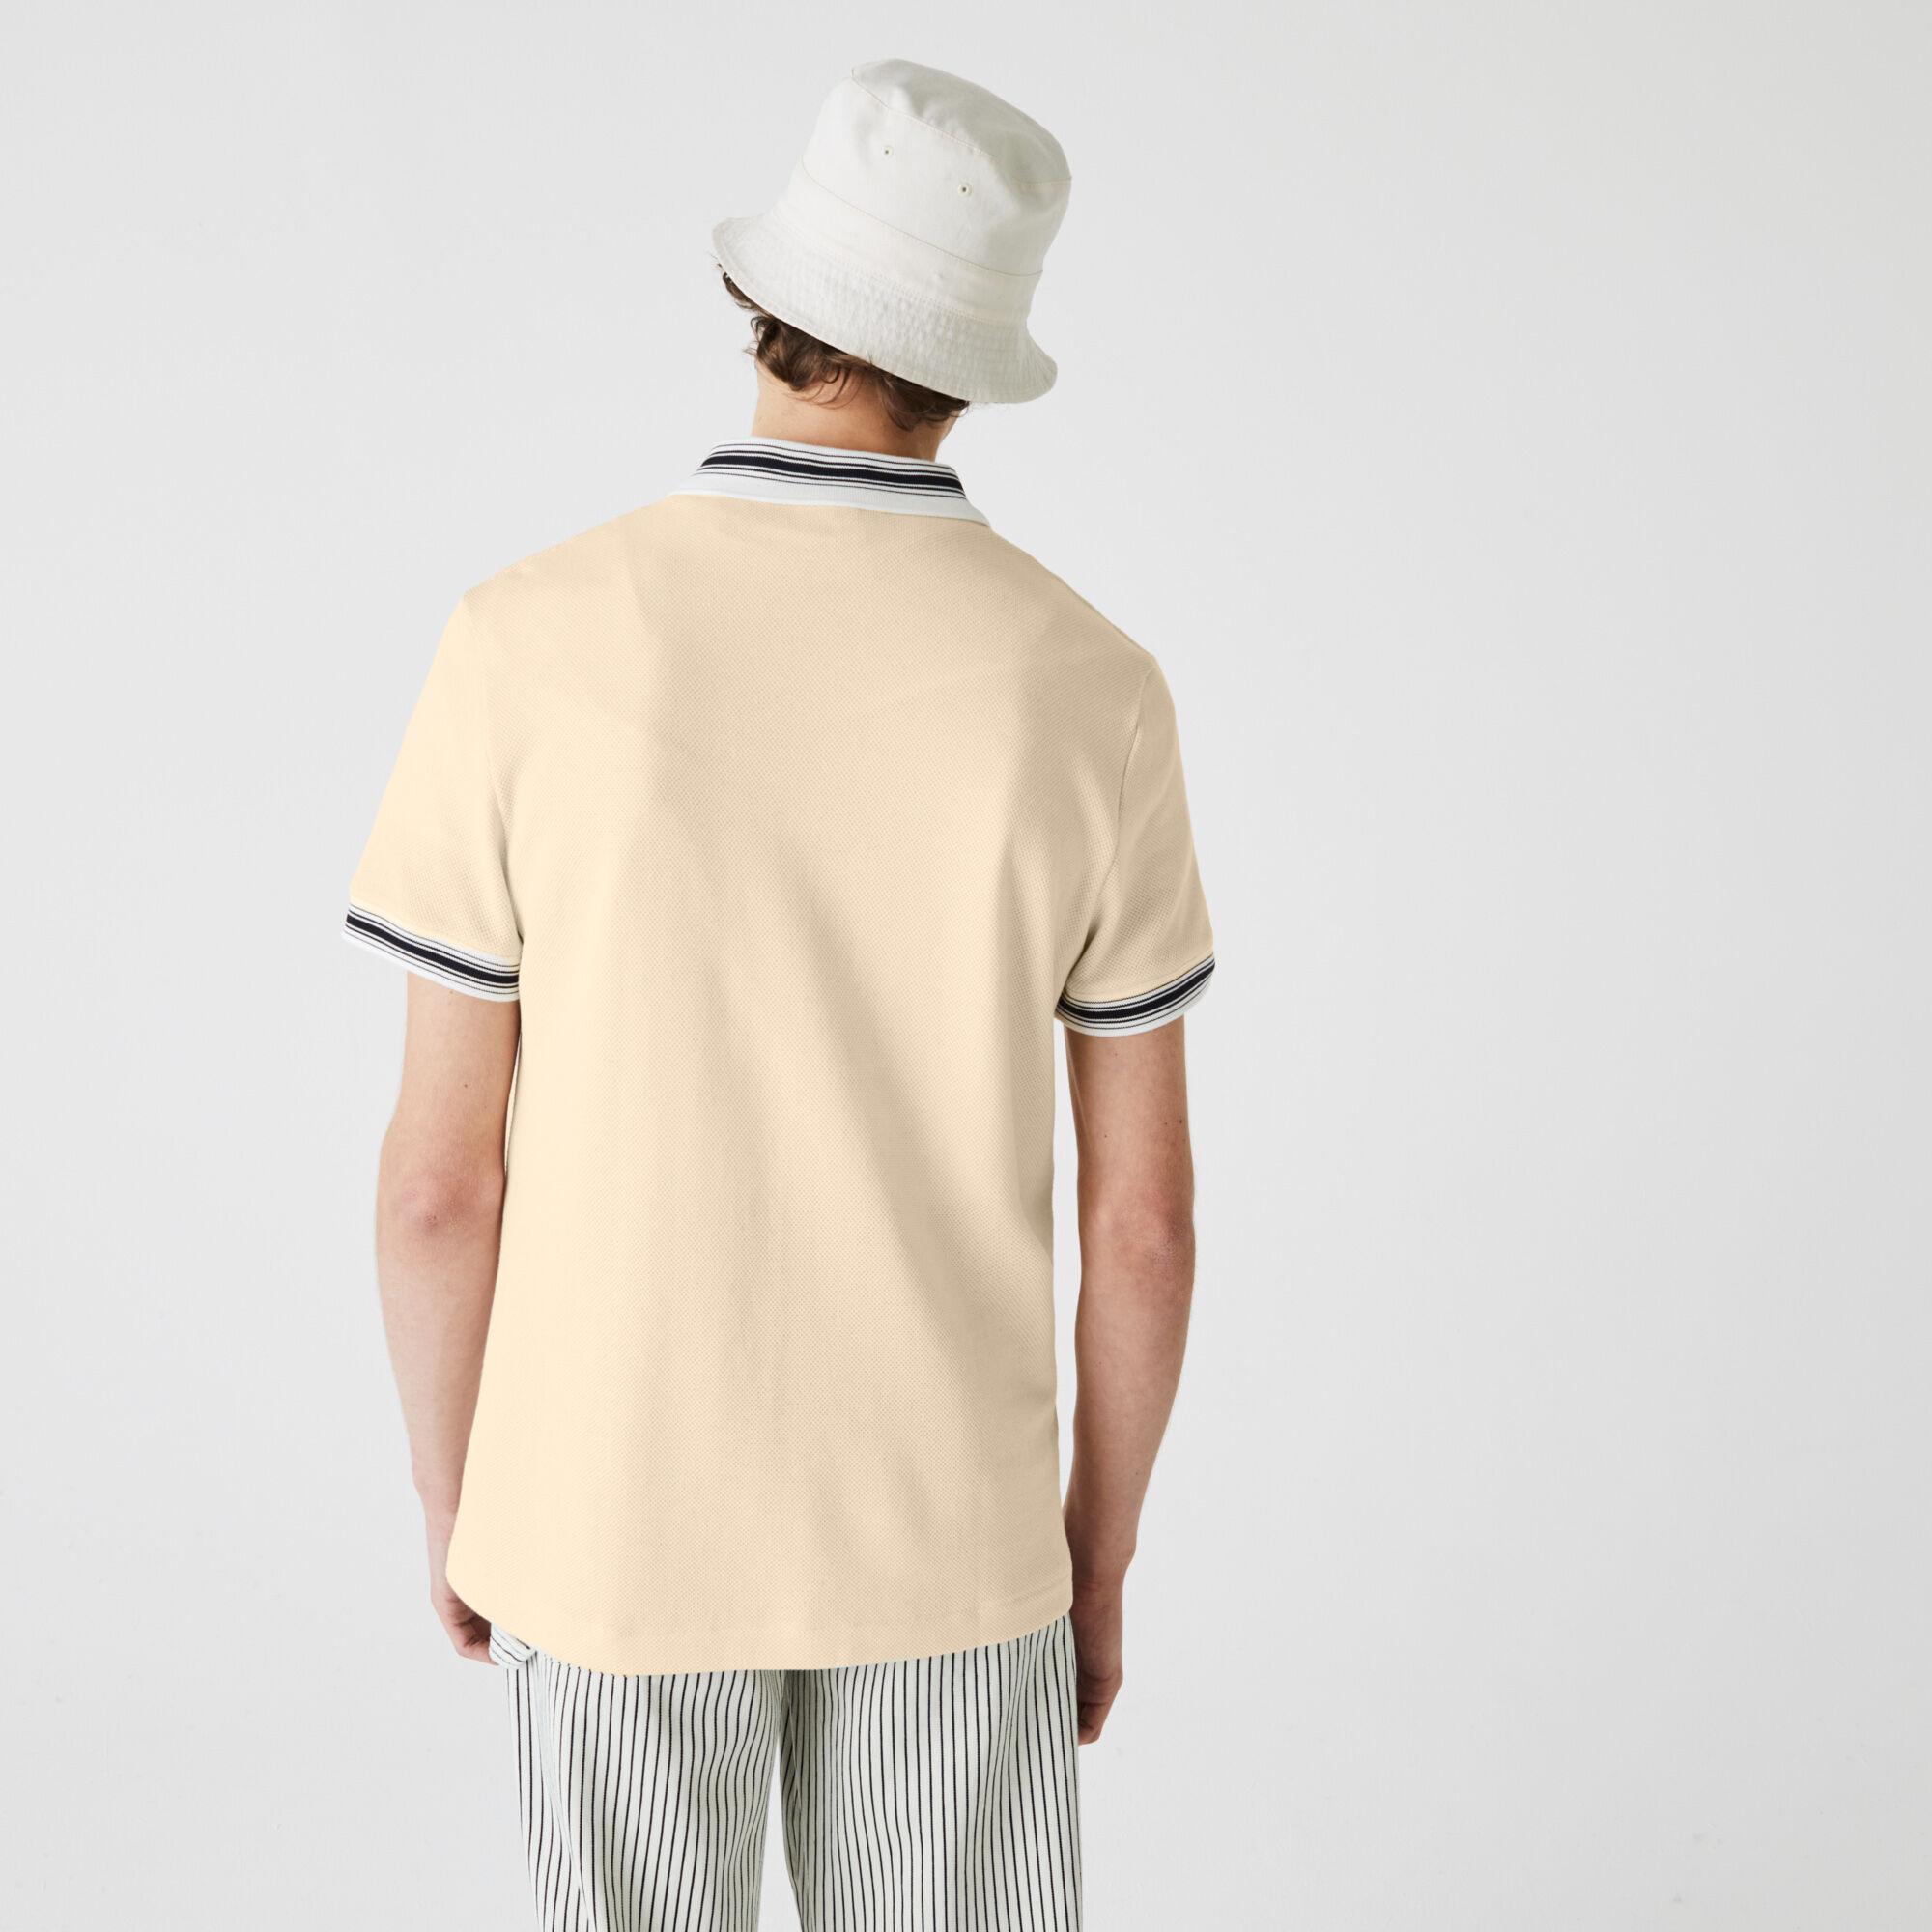 قميص بولو مخطط للرجال قصة عادية وفتحة رقبة بسحاب